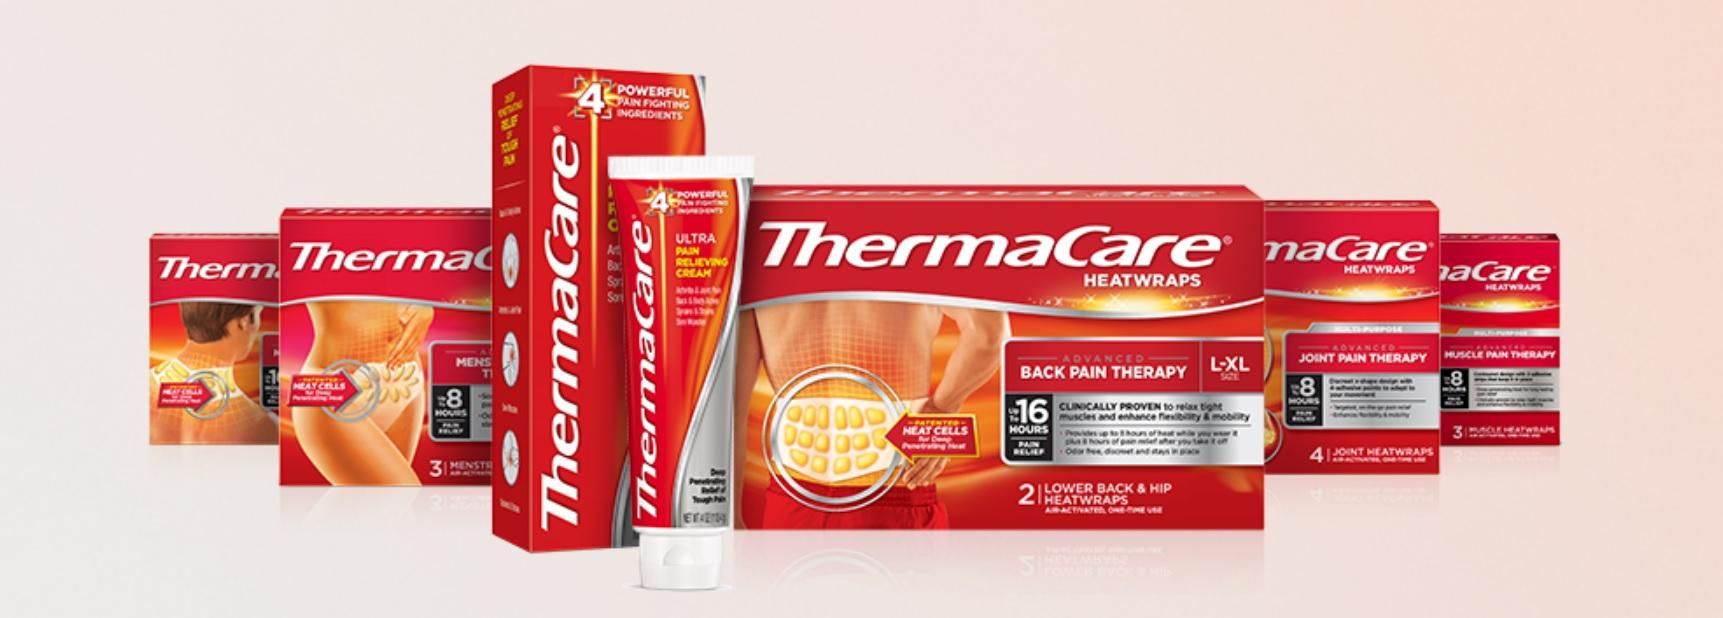 Thermacare gama de productos en farma2go